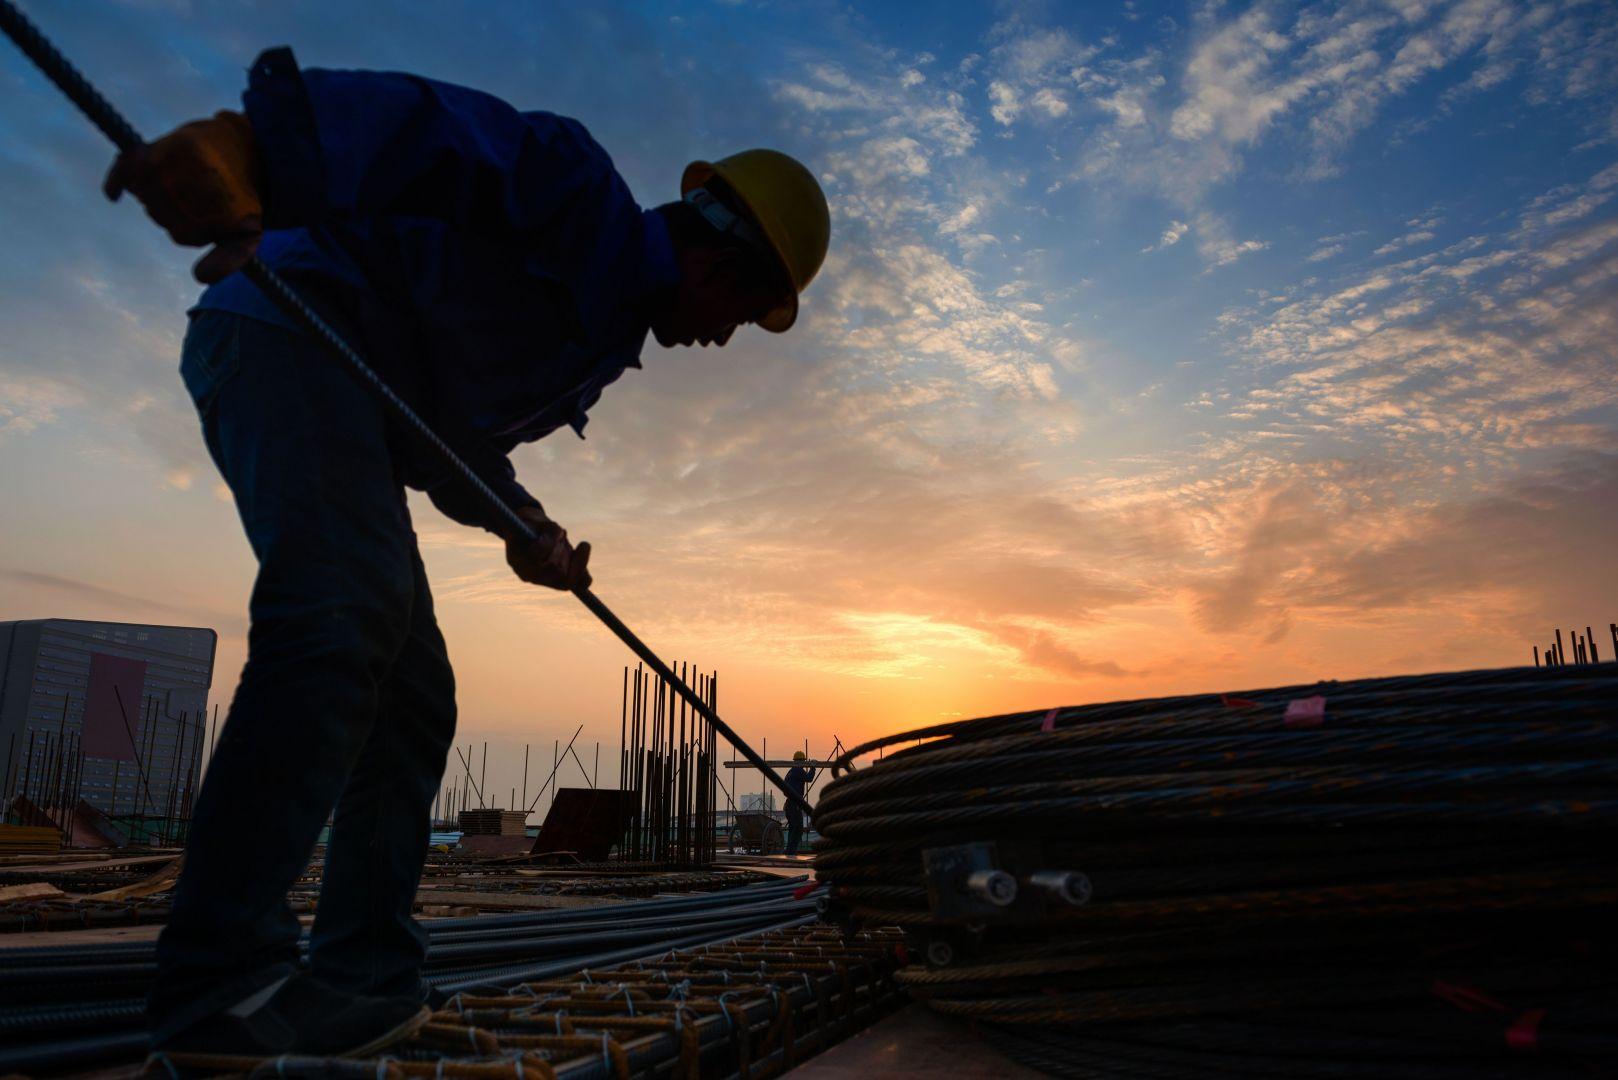 Учёные выяснили: Систематическая физическая активность на работе смертельно опасна для мужчин